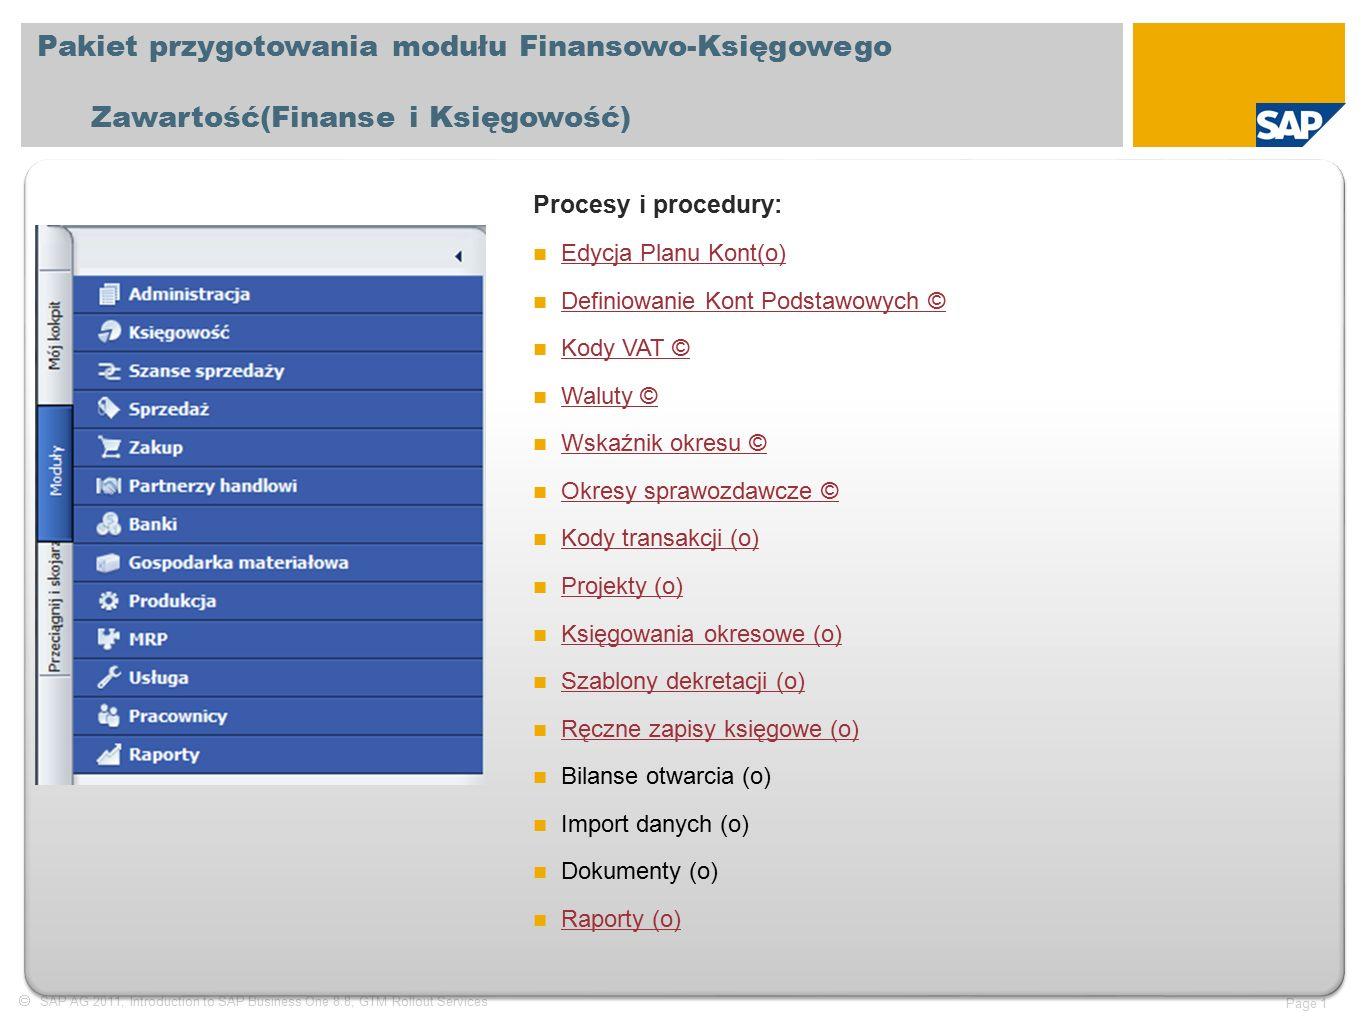  SAP AG 2011, Introduction to SAP Business One 8.8, GTM Rollout Services Page 1 Pakiet przygotowania modułu Finansowo-Księgowego Zawartość(Finanse i Księgowość) Procesy i procedury: Edycja Planu Kont(o) Edycja Planu Kont(o) Definiowanie Kont Podstawowych © Definiowanie Kont Podstawowych © Kody VAT © Kody VAT © Waluty © Waluty © Wskaźnik okresu © Wskaźnik okresu © Okresy sprawozdawcze © Okresy sprawozdawcze © Kody transakcji (o) Kody transakcji (o) Projekty (o) Projekty (o) Księgowania okresowe (o) Księgowania okresowe (o) Szablony dekretacji (o) Szablony dekretacji (o) Ręczne zapisy księgowe (o) Bilanse otwarcia (o) Import danych (o) Dokumenty (o) Raporty (o) Raporty (o)